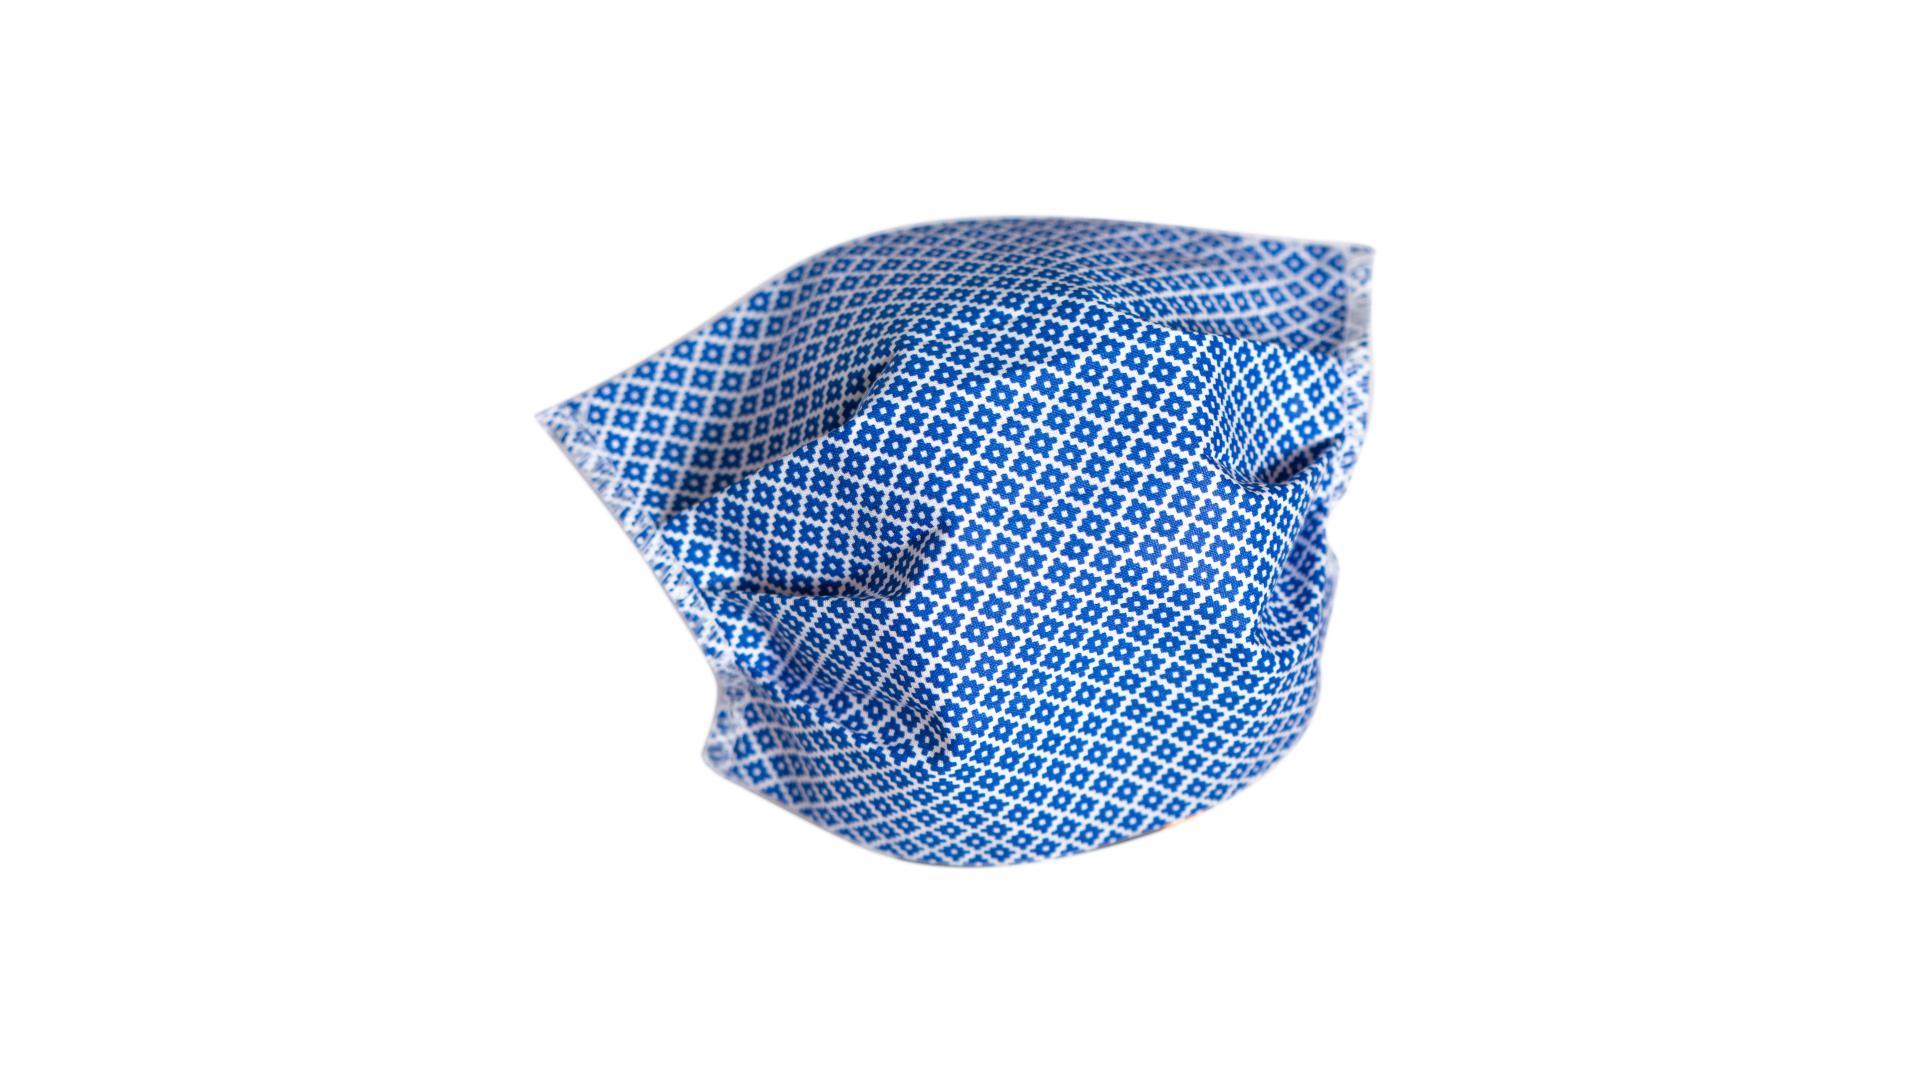 4CARS Dvouvrstvé ochranné bavlněné rouško modré s gumičkou 1ks - menší